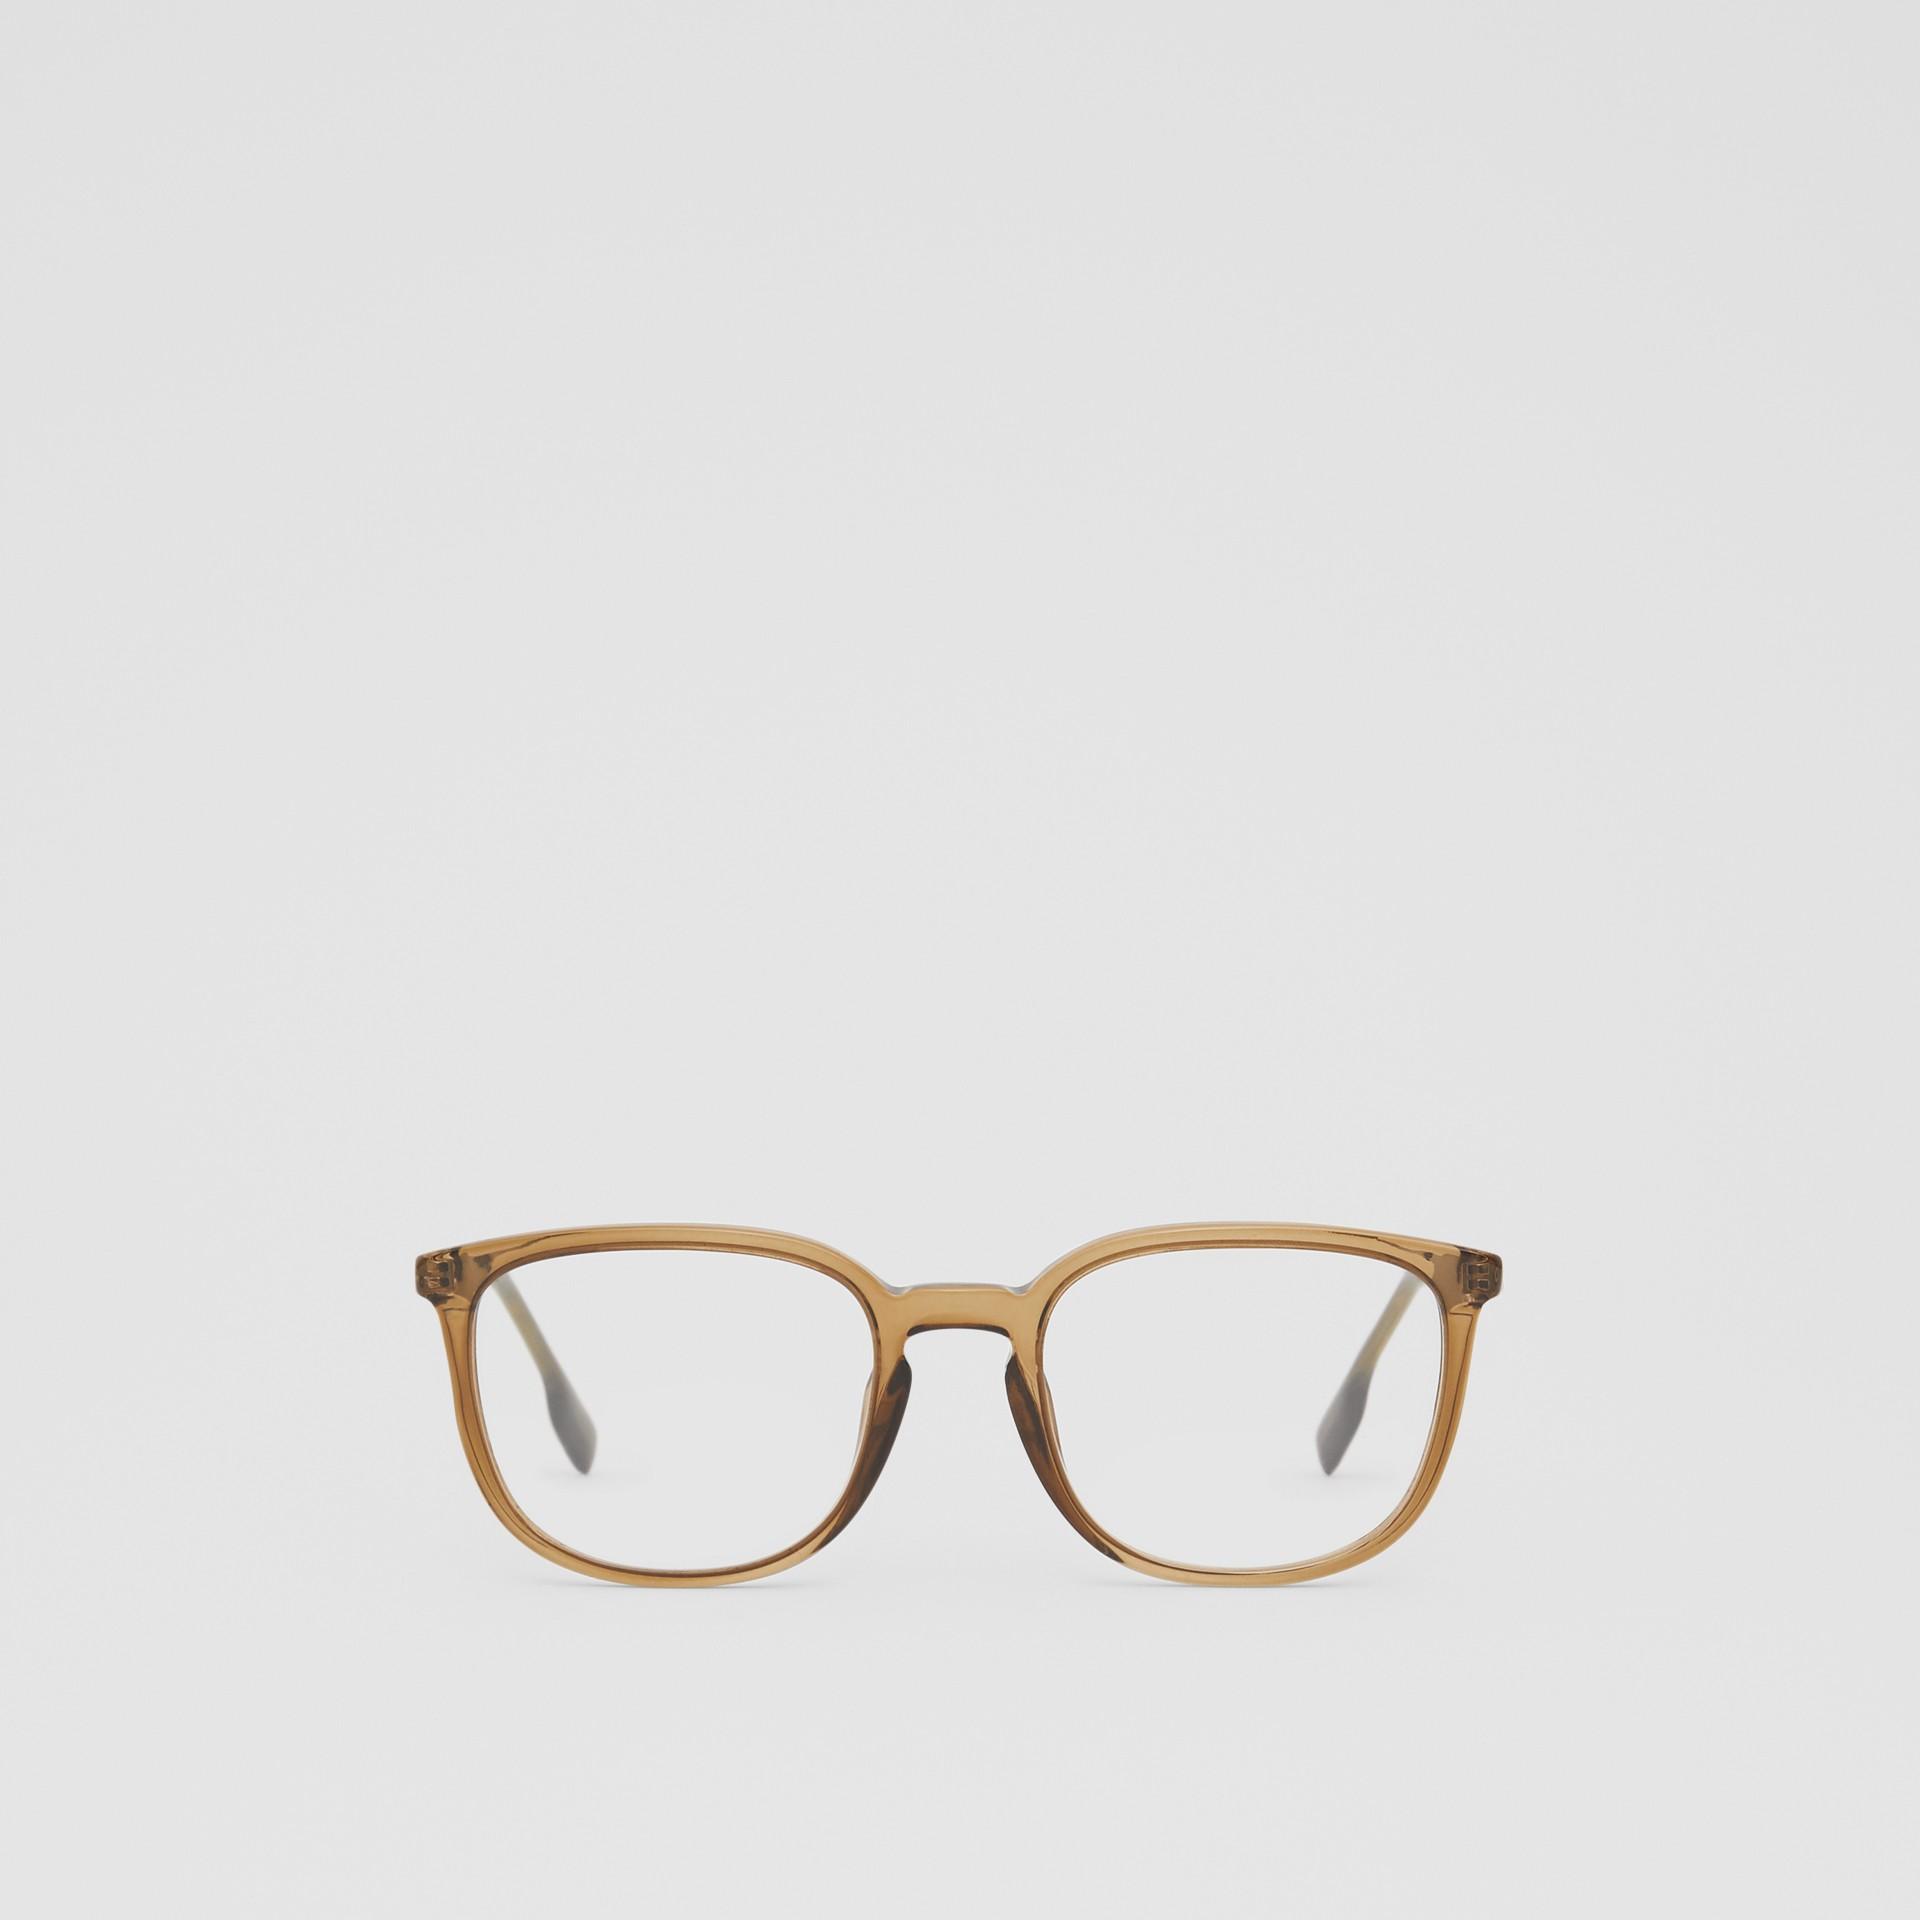 Brille mit eckigem Gestell (Olivfarben) | Burberry - Galerie-Bild 0